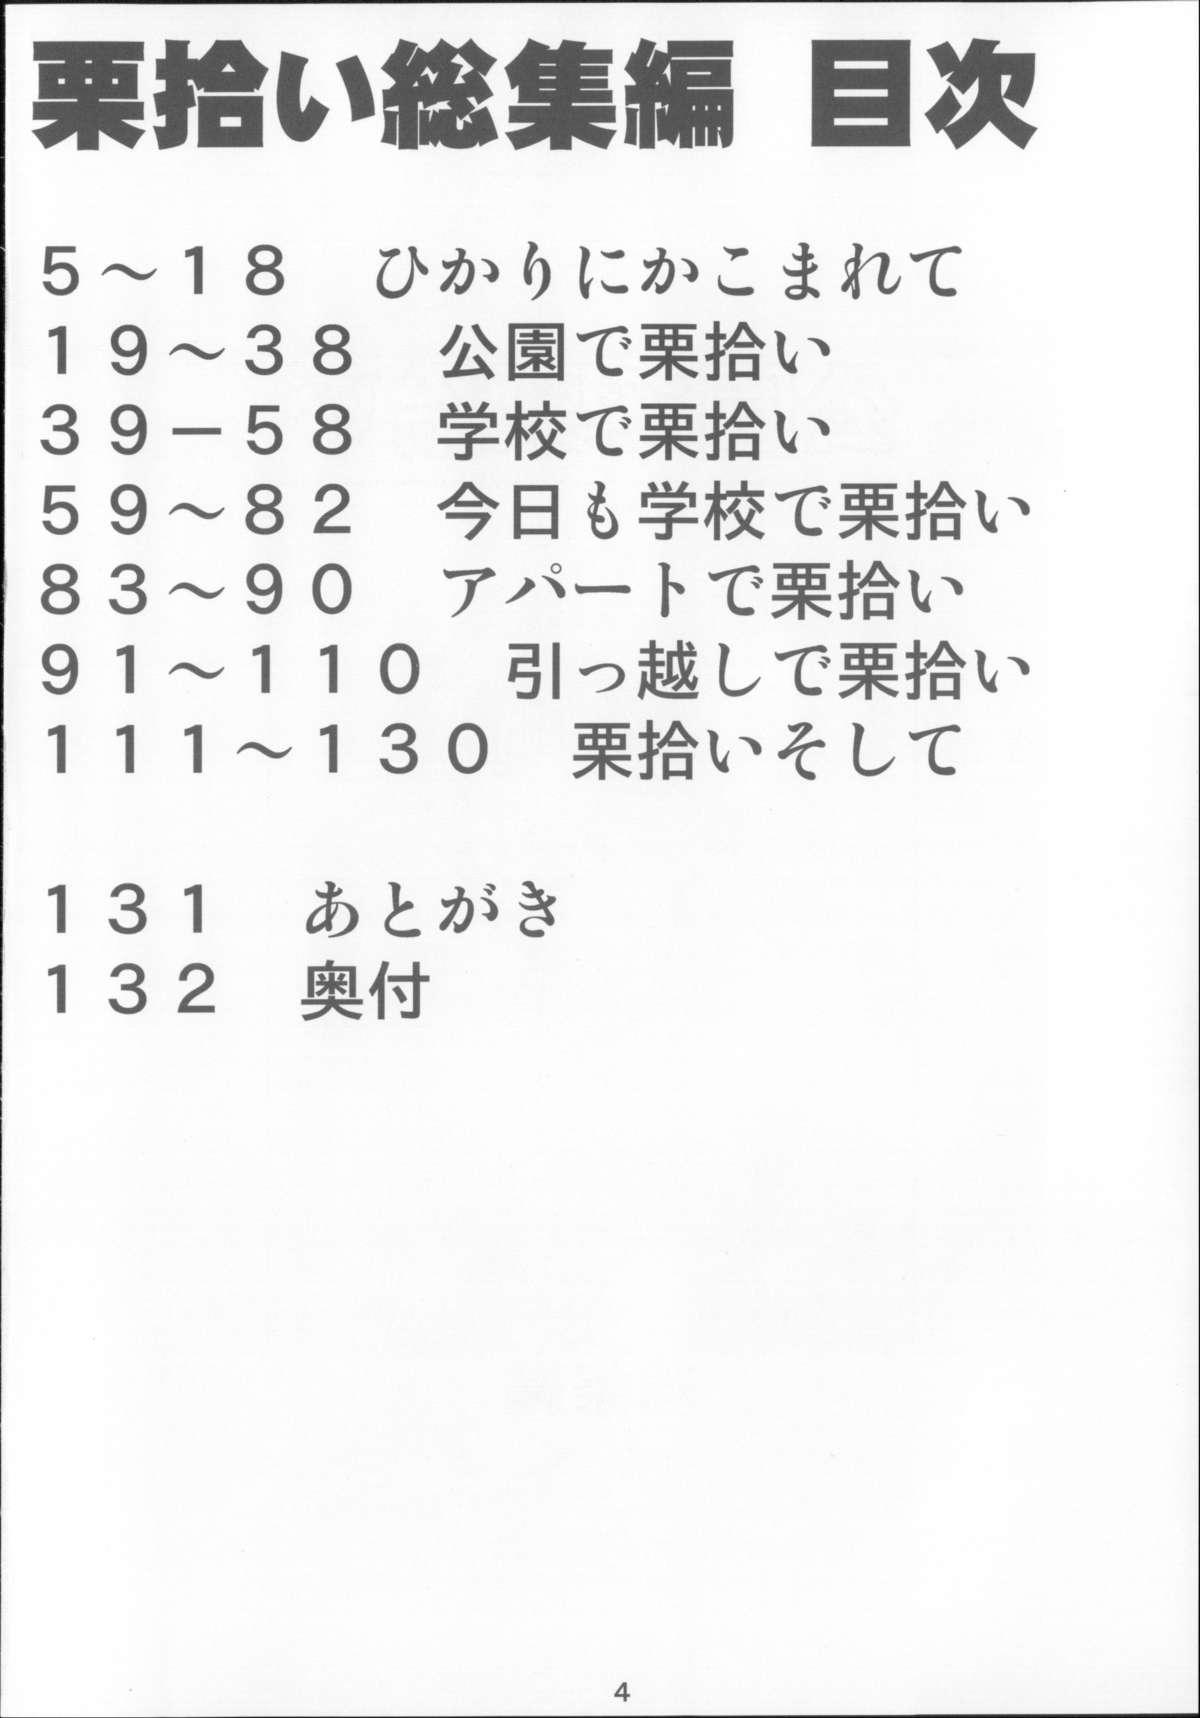 Kuri Hiroi Soushuuhen 3